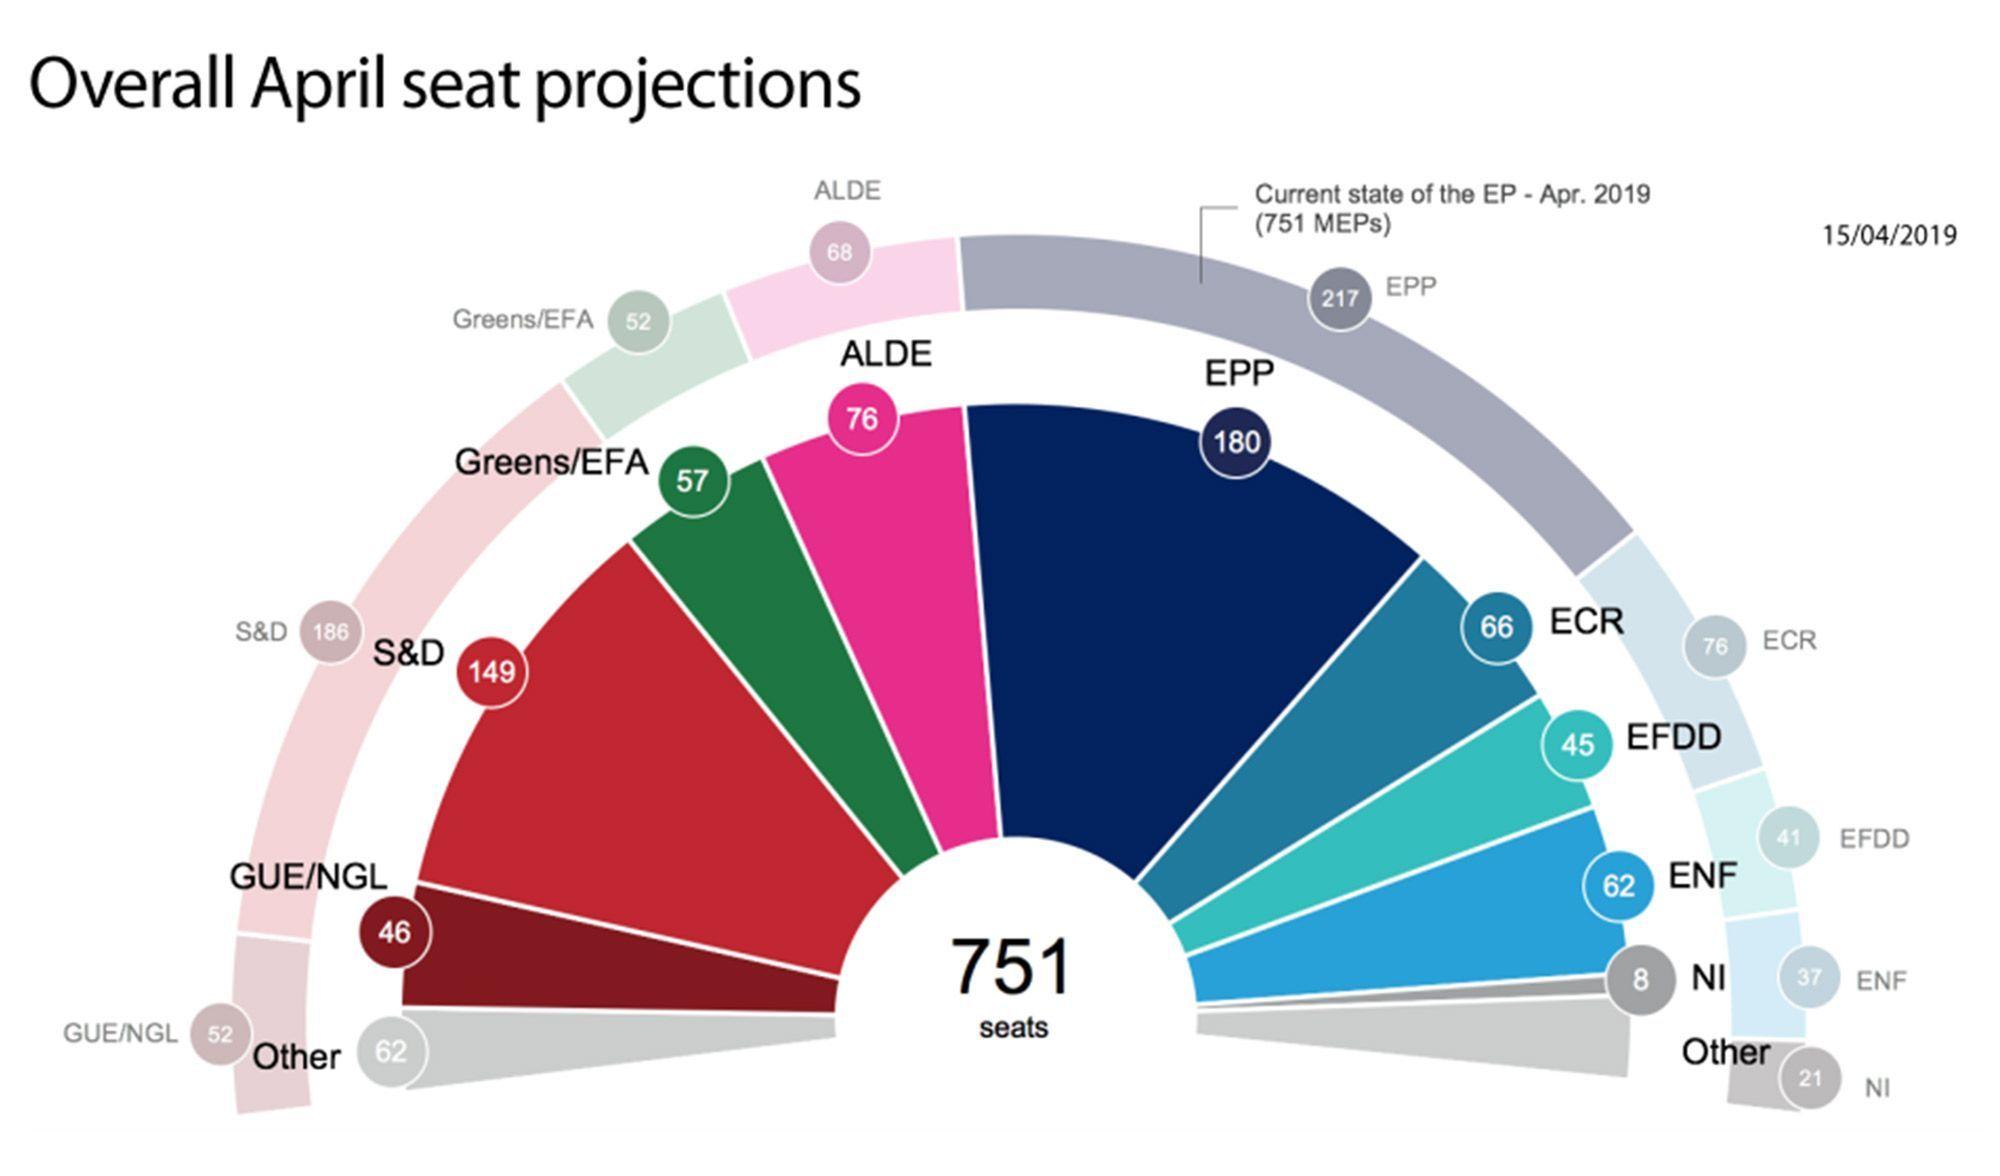 """La Dinde """" est plus lourde que Loiseau....... La-projection-du-Parlement-europeen-pour-le-mois-d-avril"""